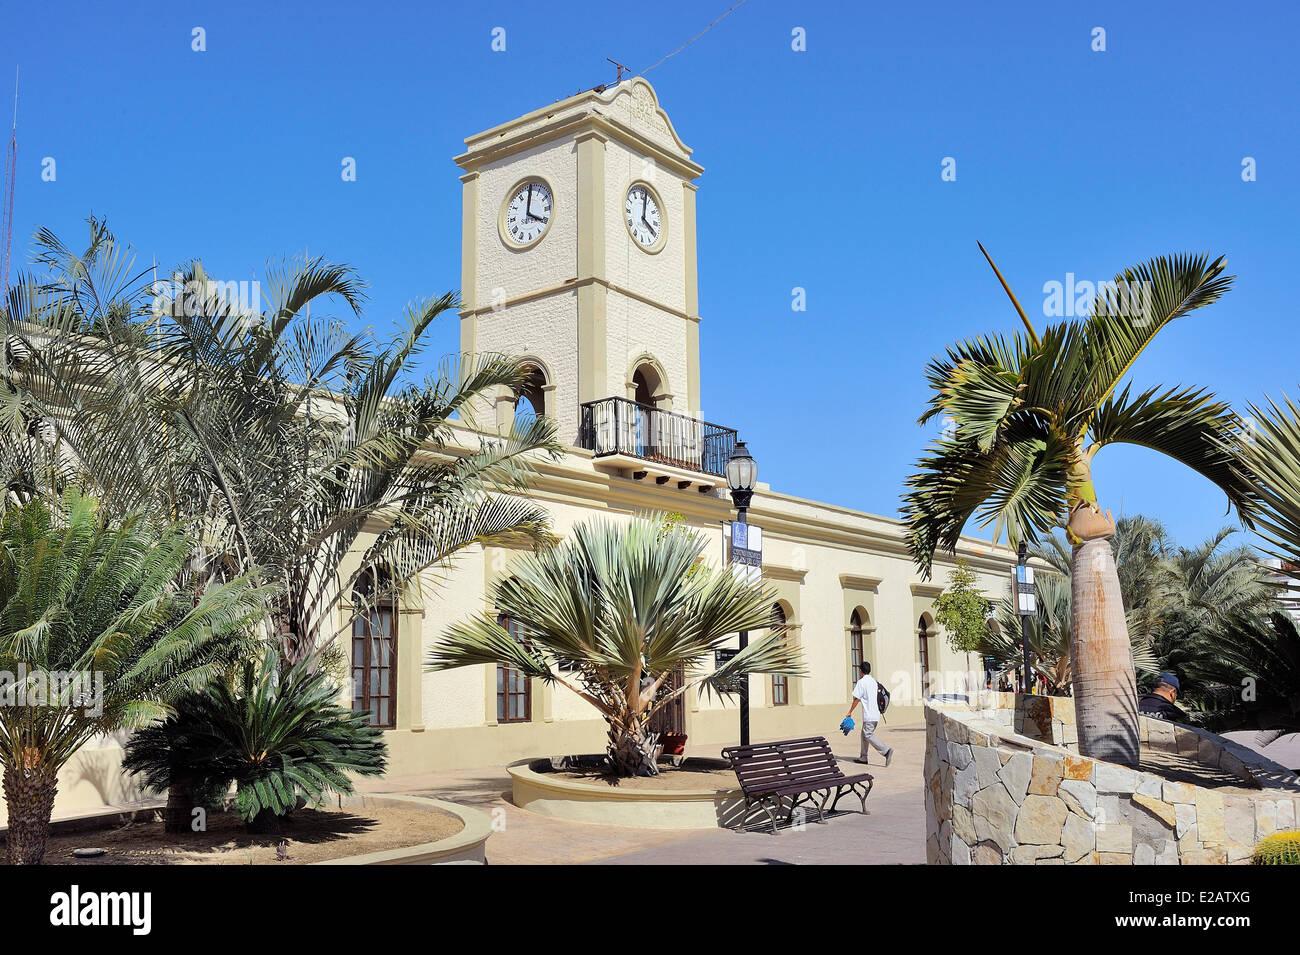 Messico, Baja California Sur Membro, San Jose del Cabo, il Municipio Immagini Stock